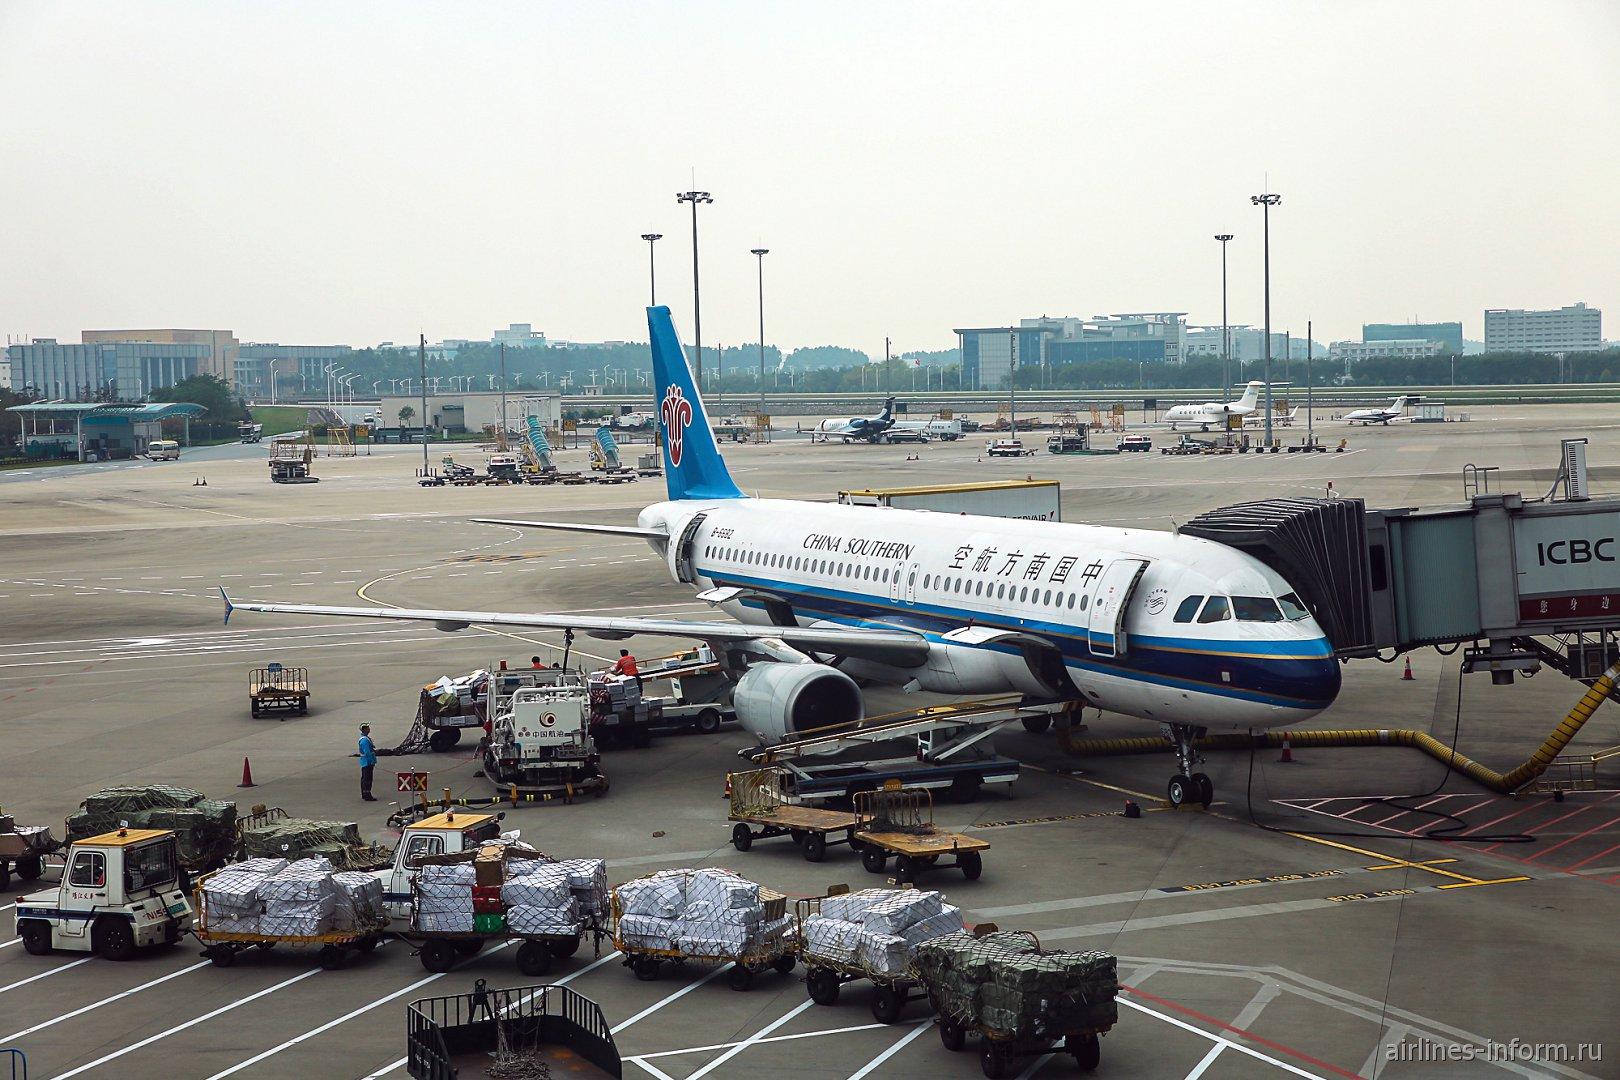 Загрузка авиалайнера Airbus A320 China Southern Airlines в аэропорту Гуанчжоу